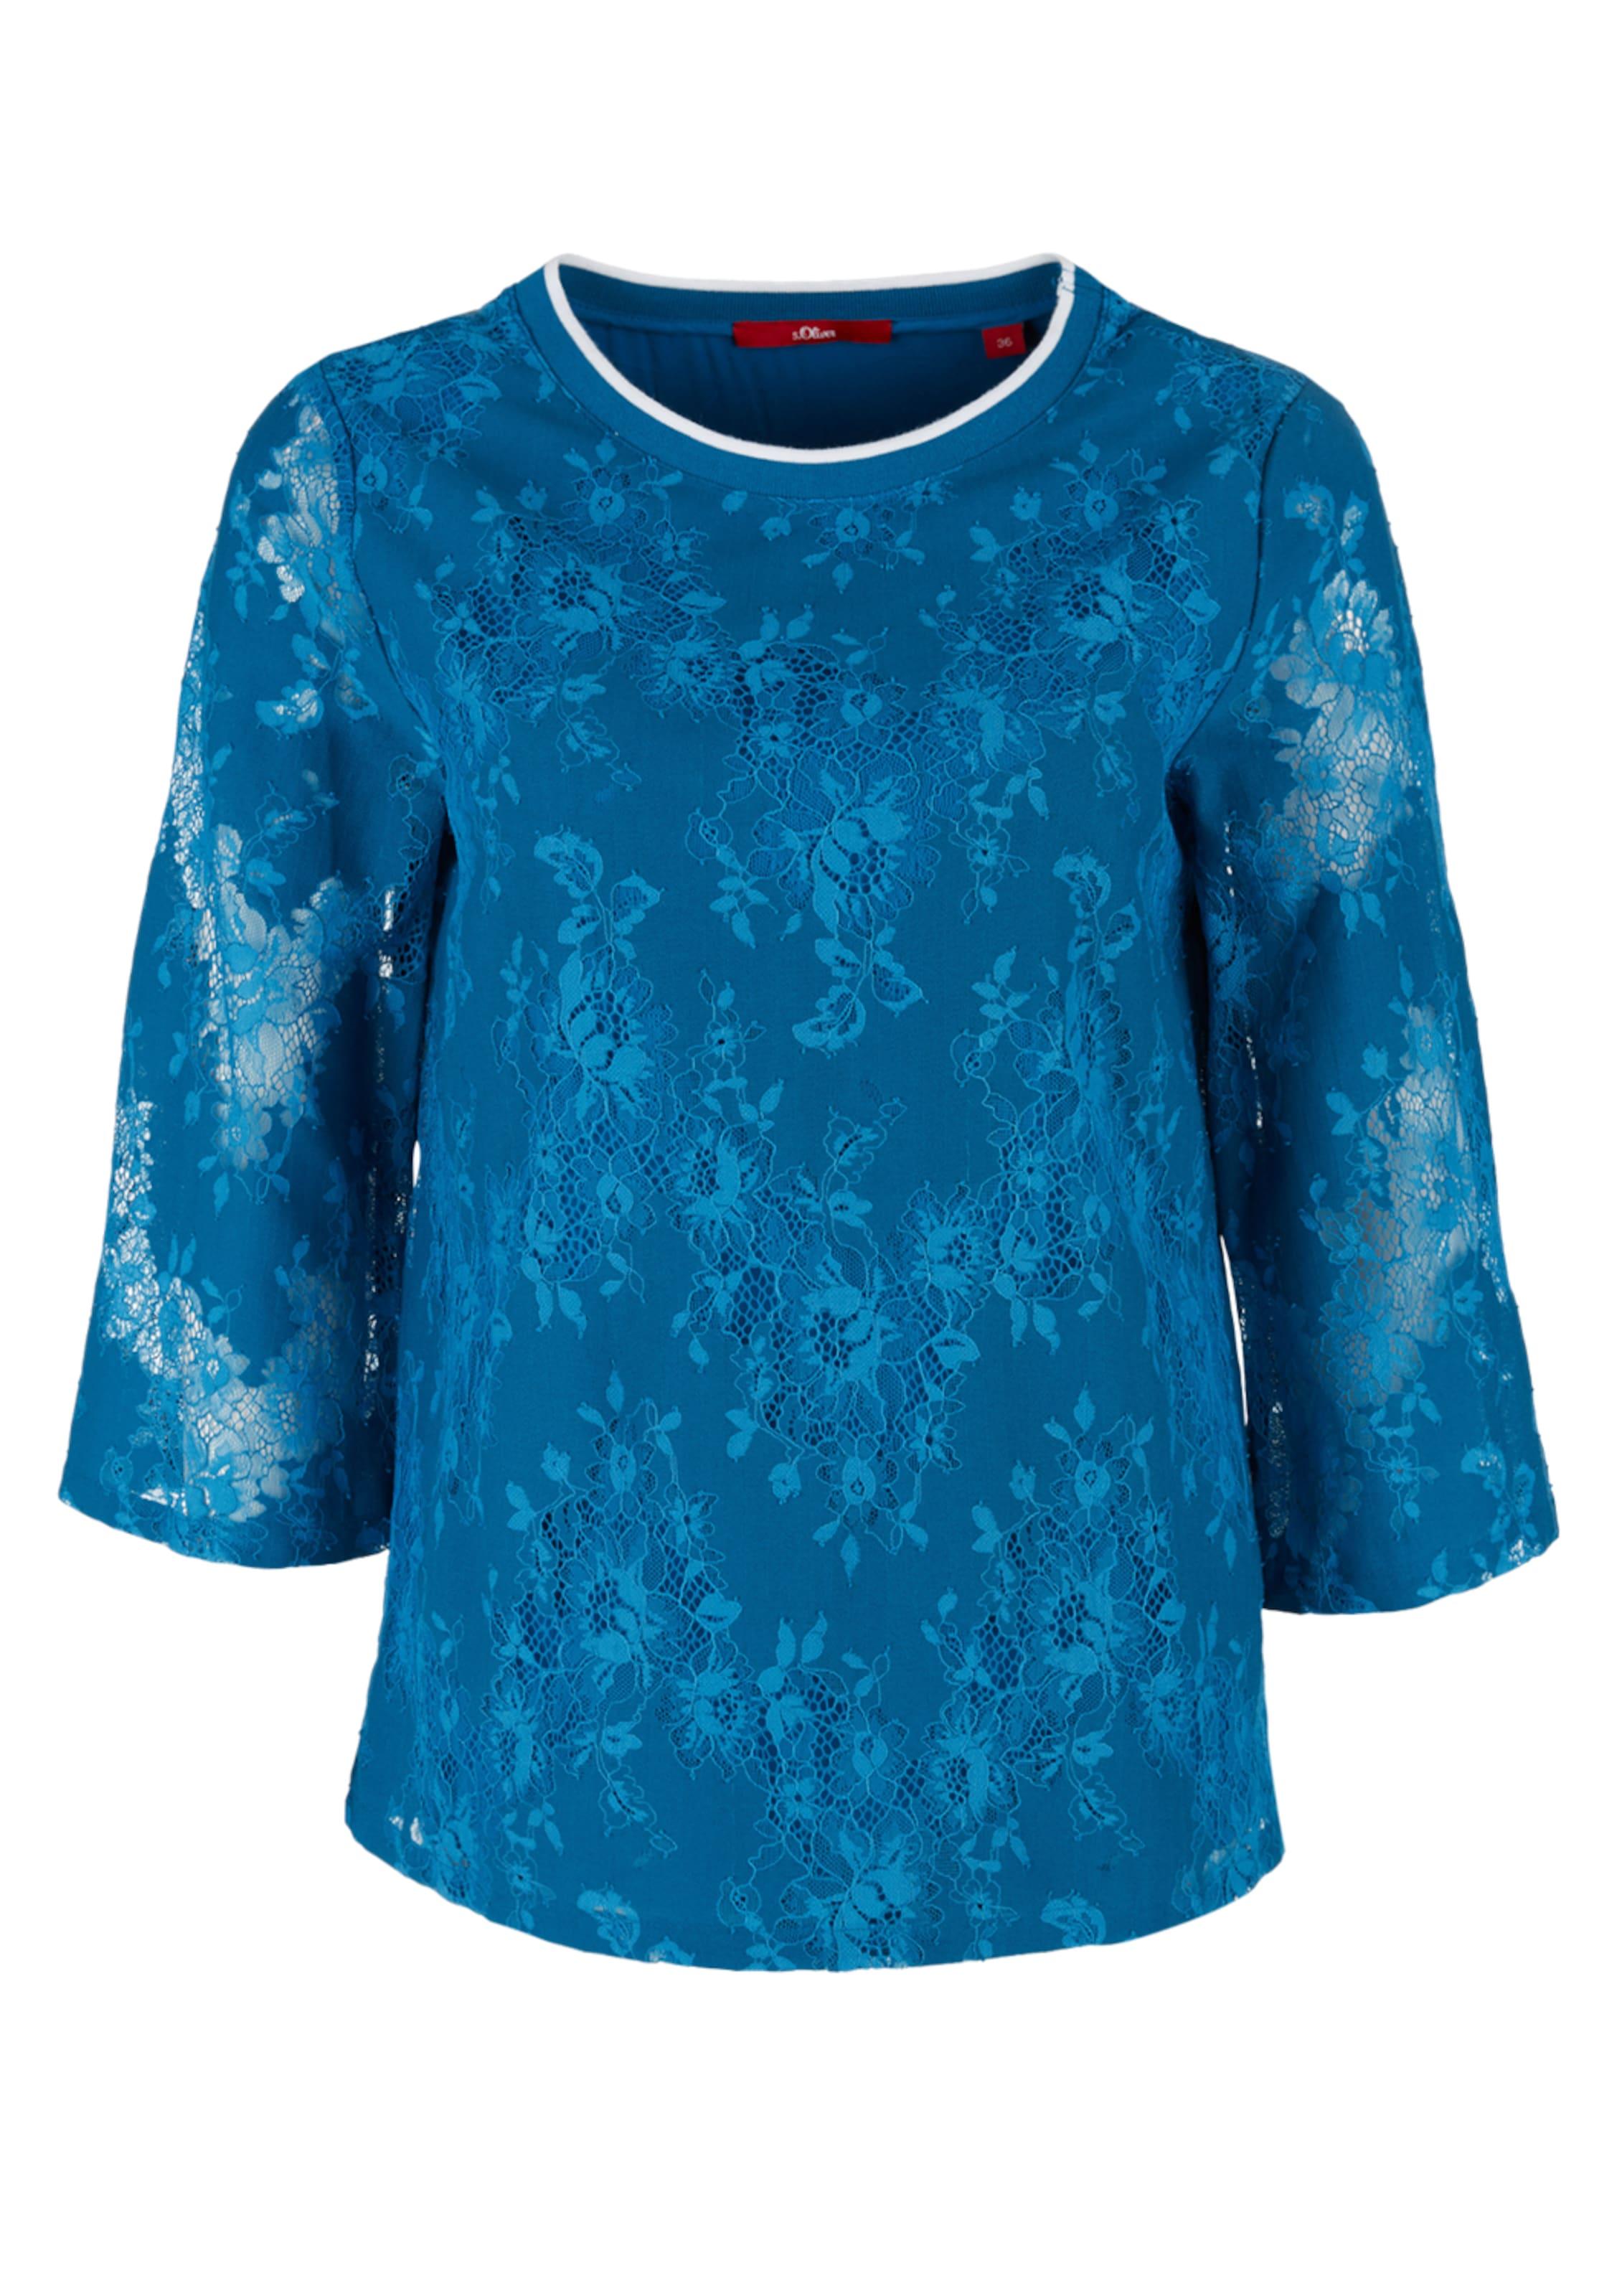 Label Red Blusenshirt Himmelblau In S oliver l1K5FJc3Tu